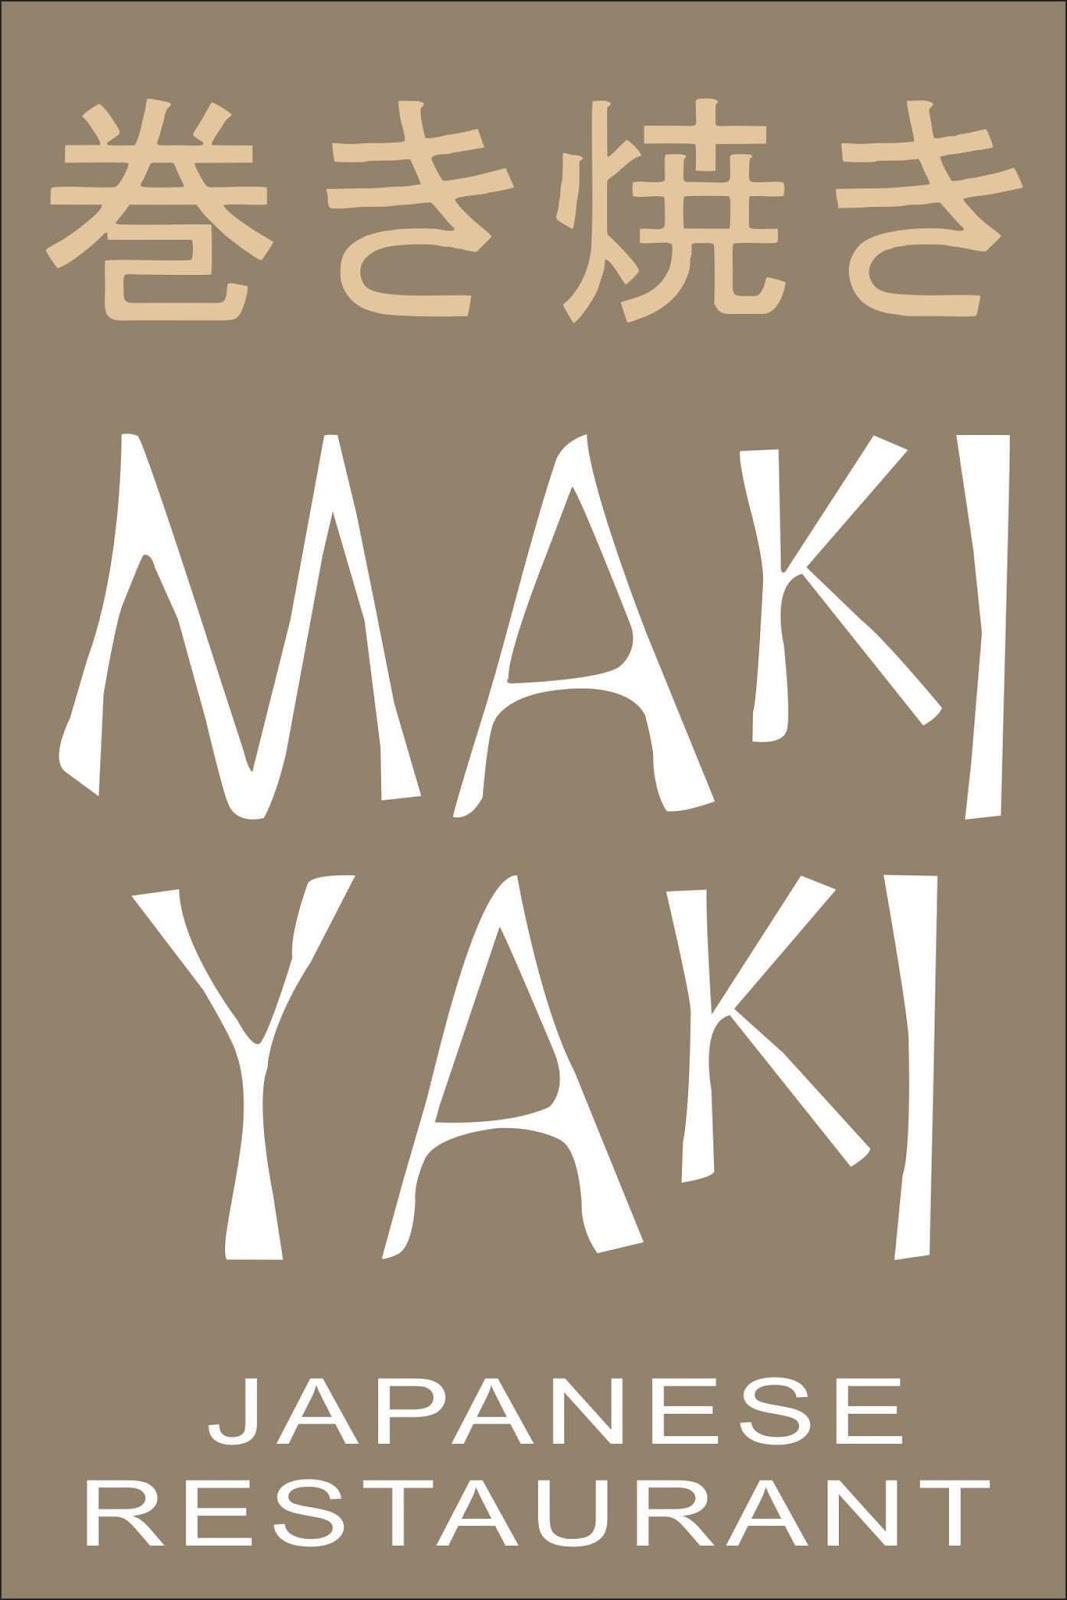 Maki Yaki Japanese Restaurant Dagupan City